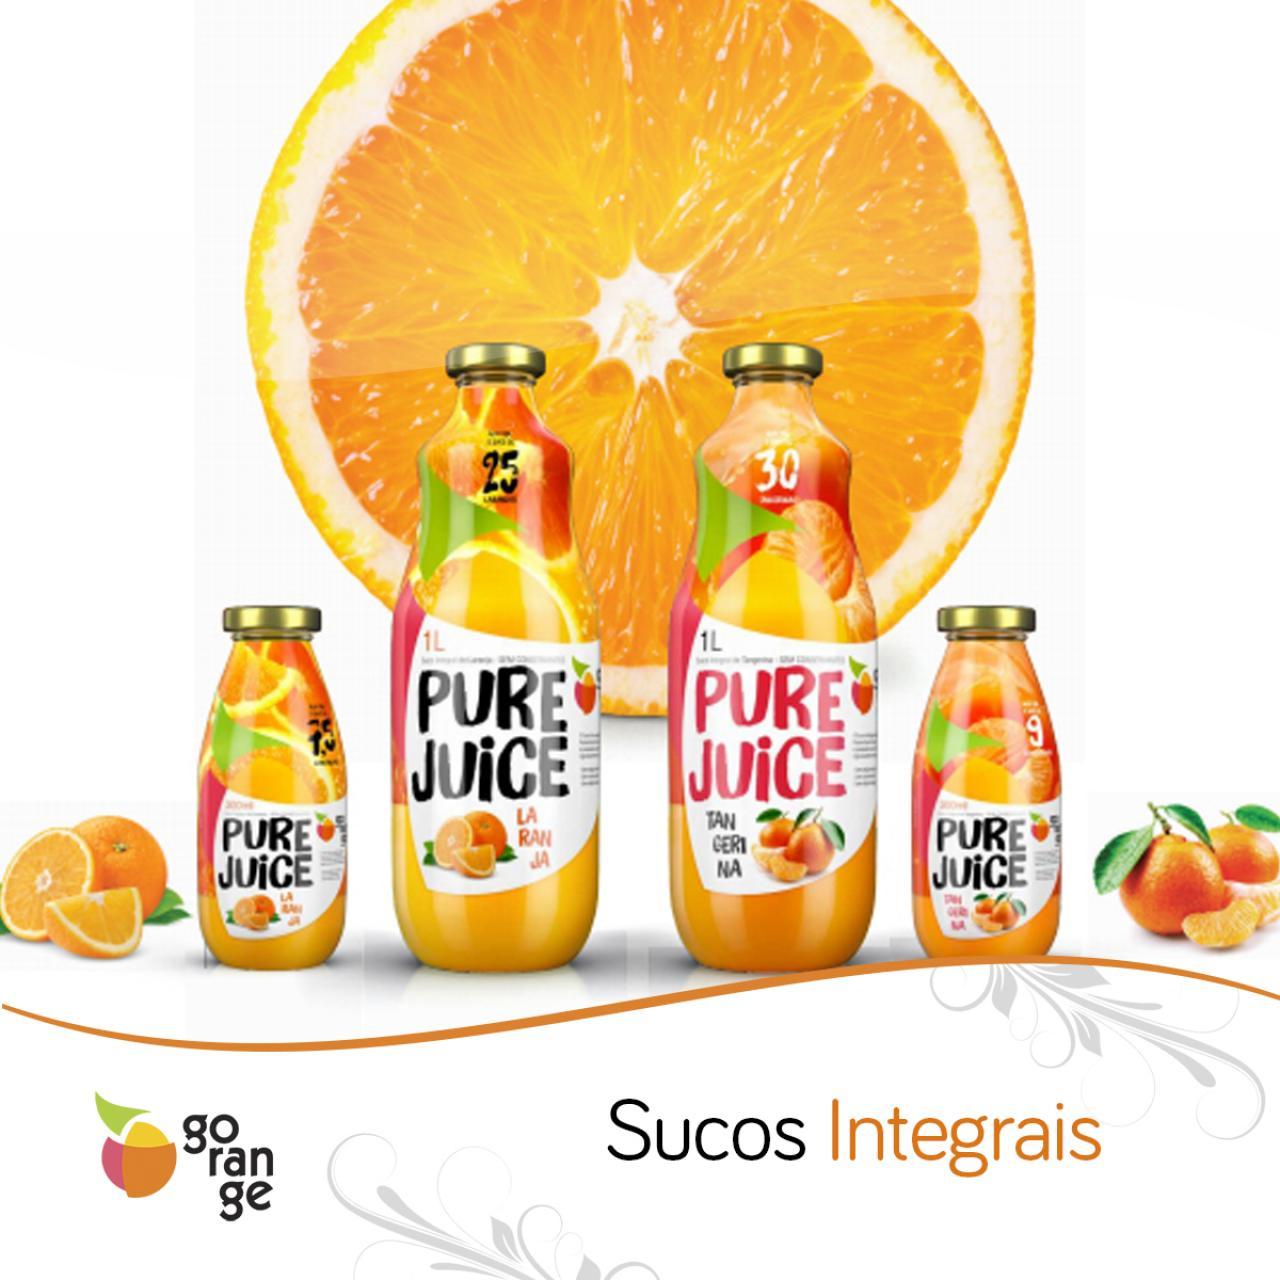 Suco integral tem maior potencial de crescimento entre as bebidas não alcoólicas